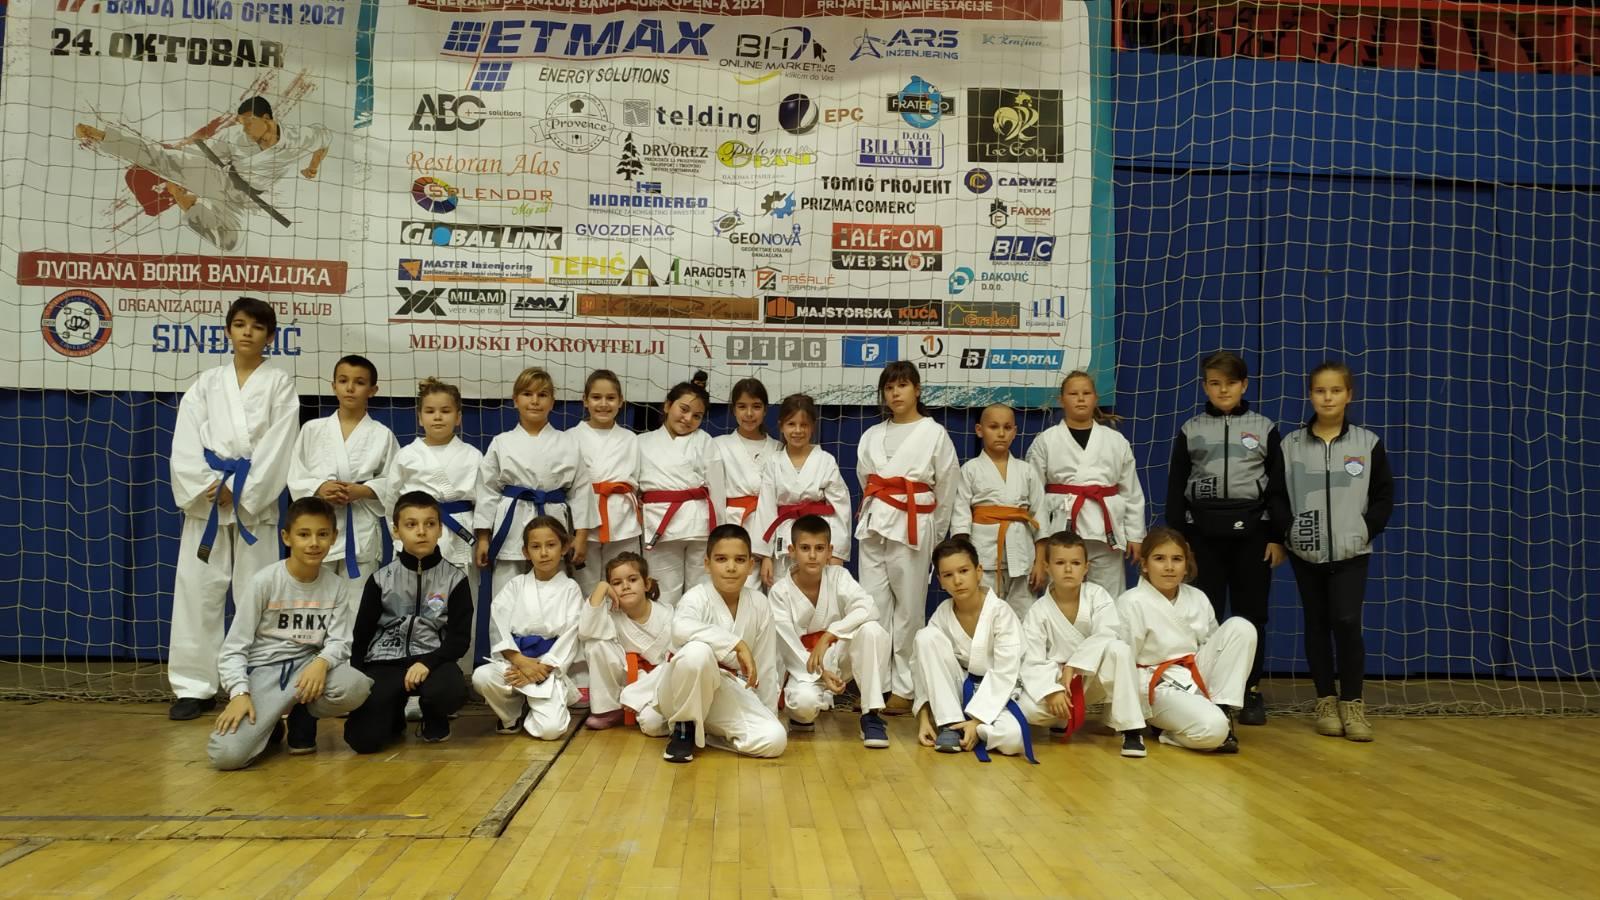 Veliki uspjeh mladih karatista iz Doboja na turniru u Banjaluci